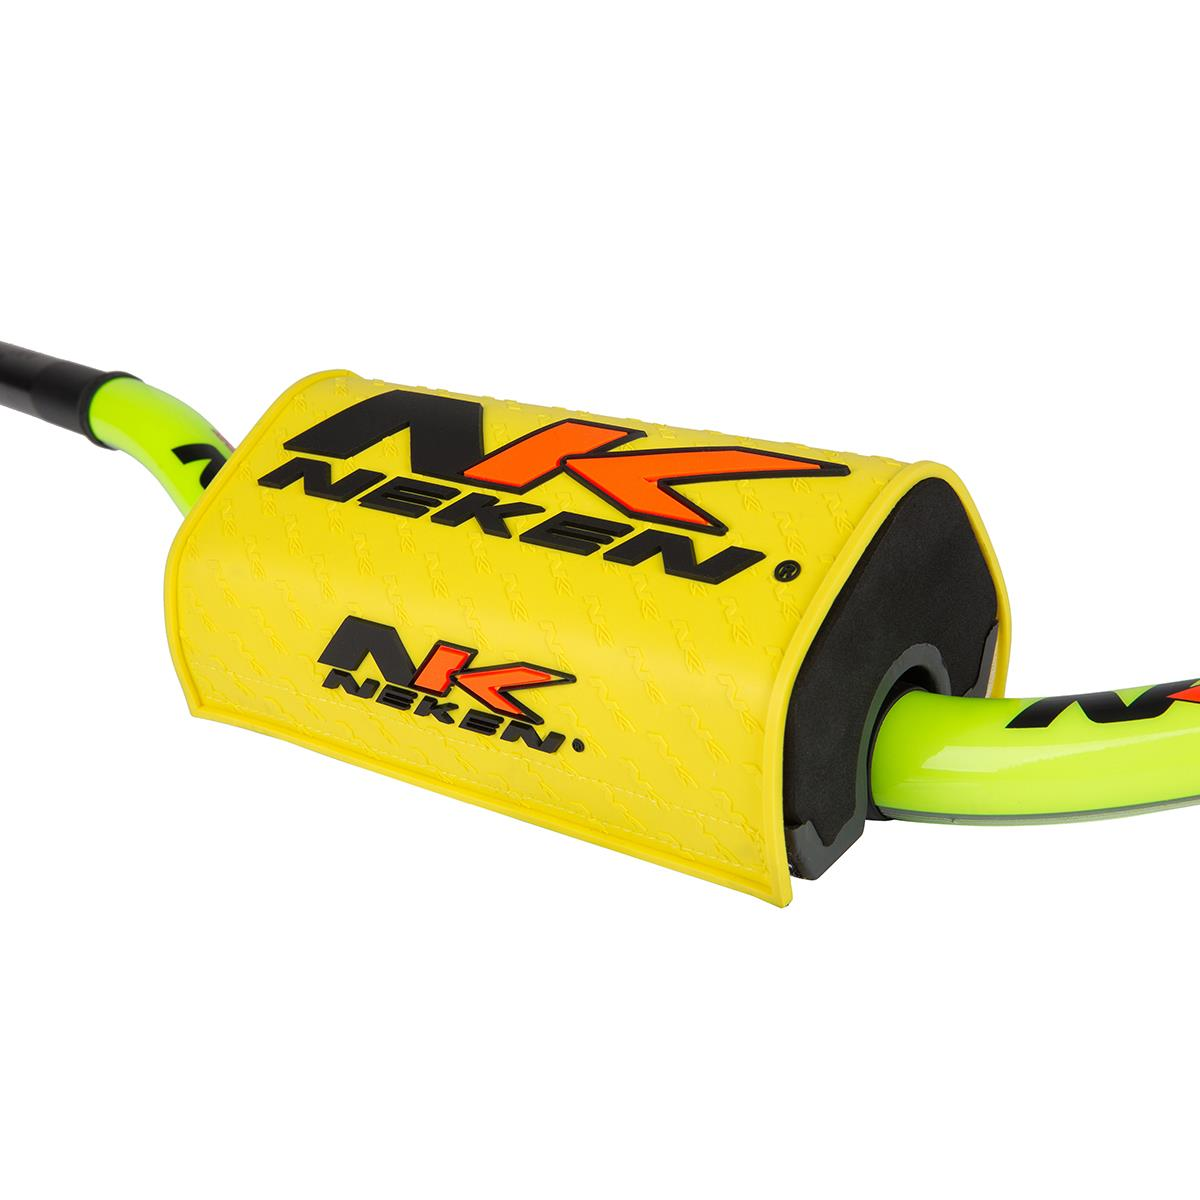 neken-lenker-handlebar-oversize-color-2